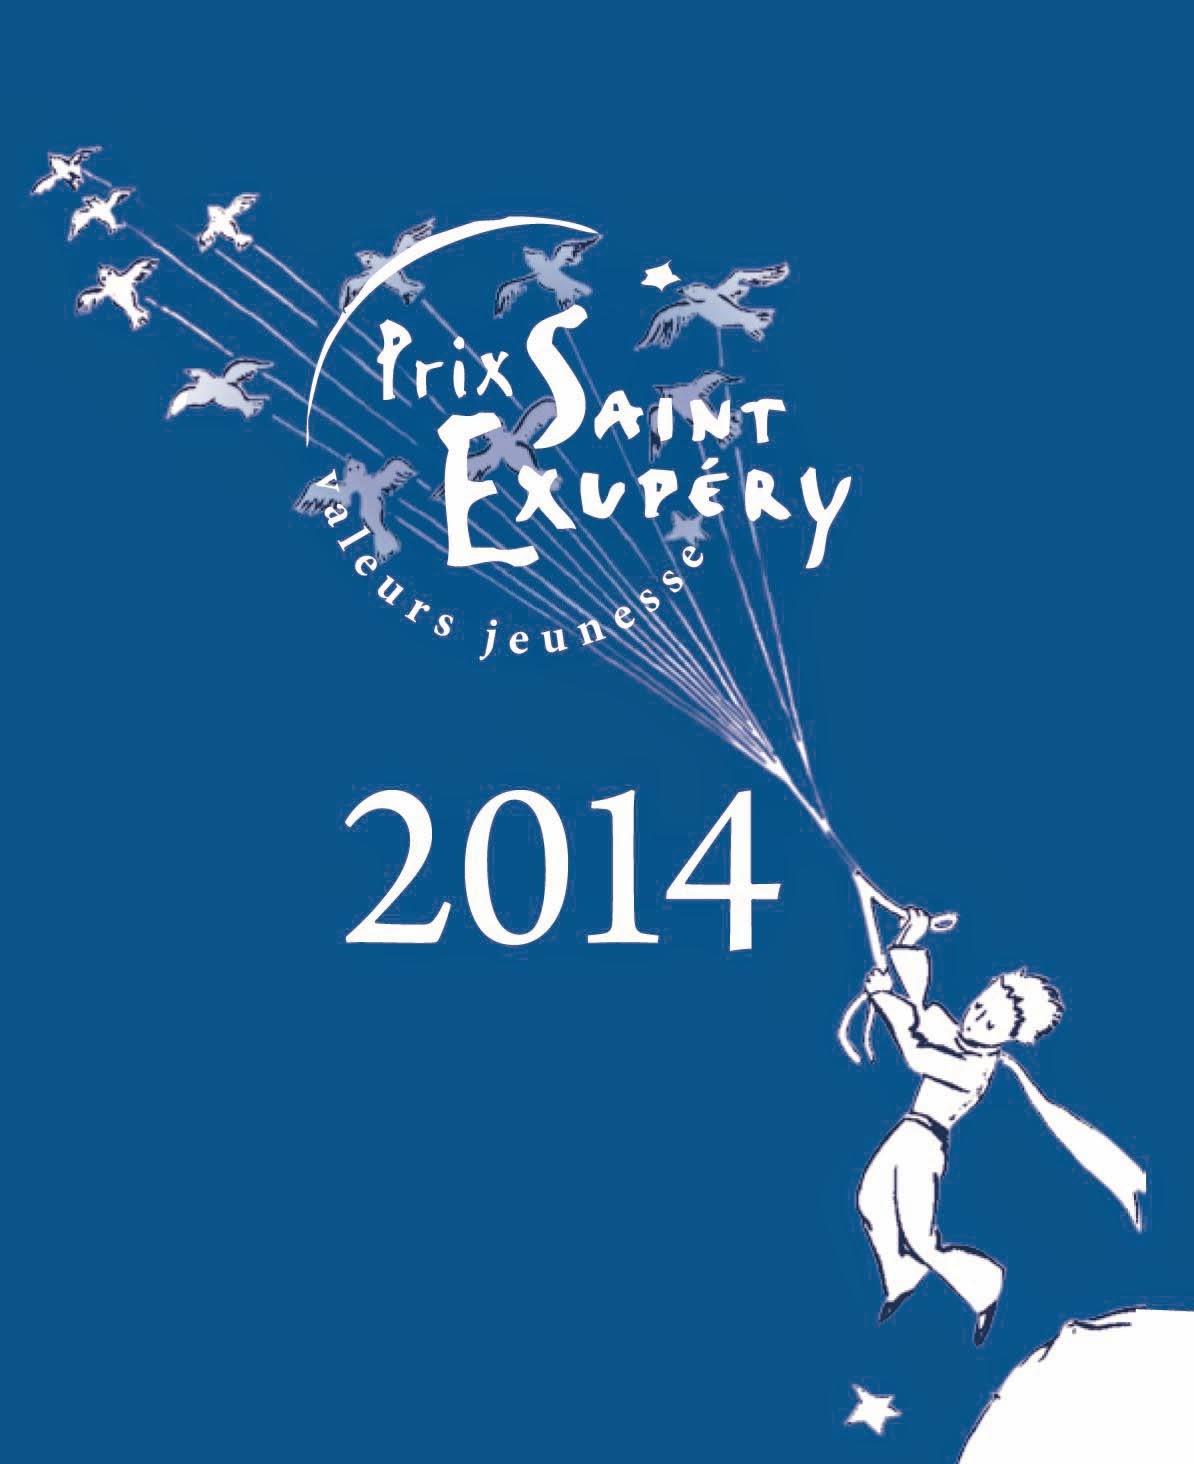 """Prix Saint Exupéry 2014 pour le  """"Baron bleu"""""""